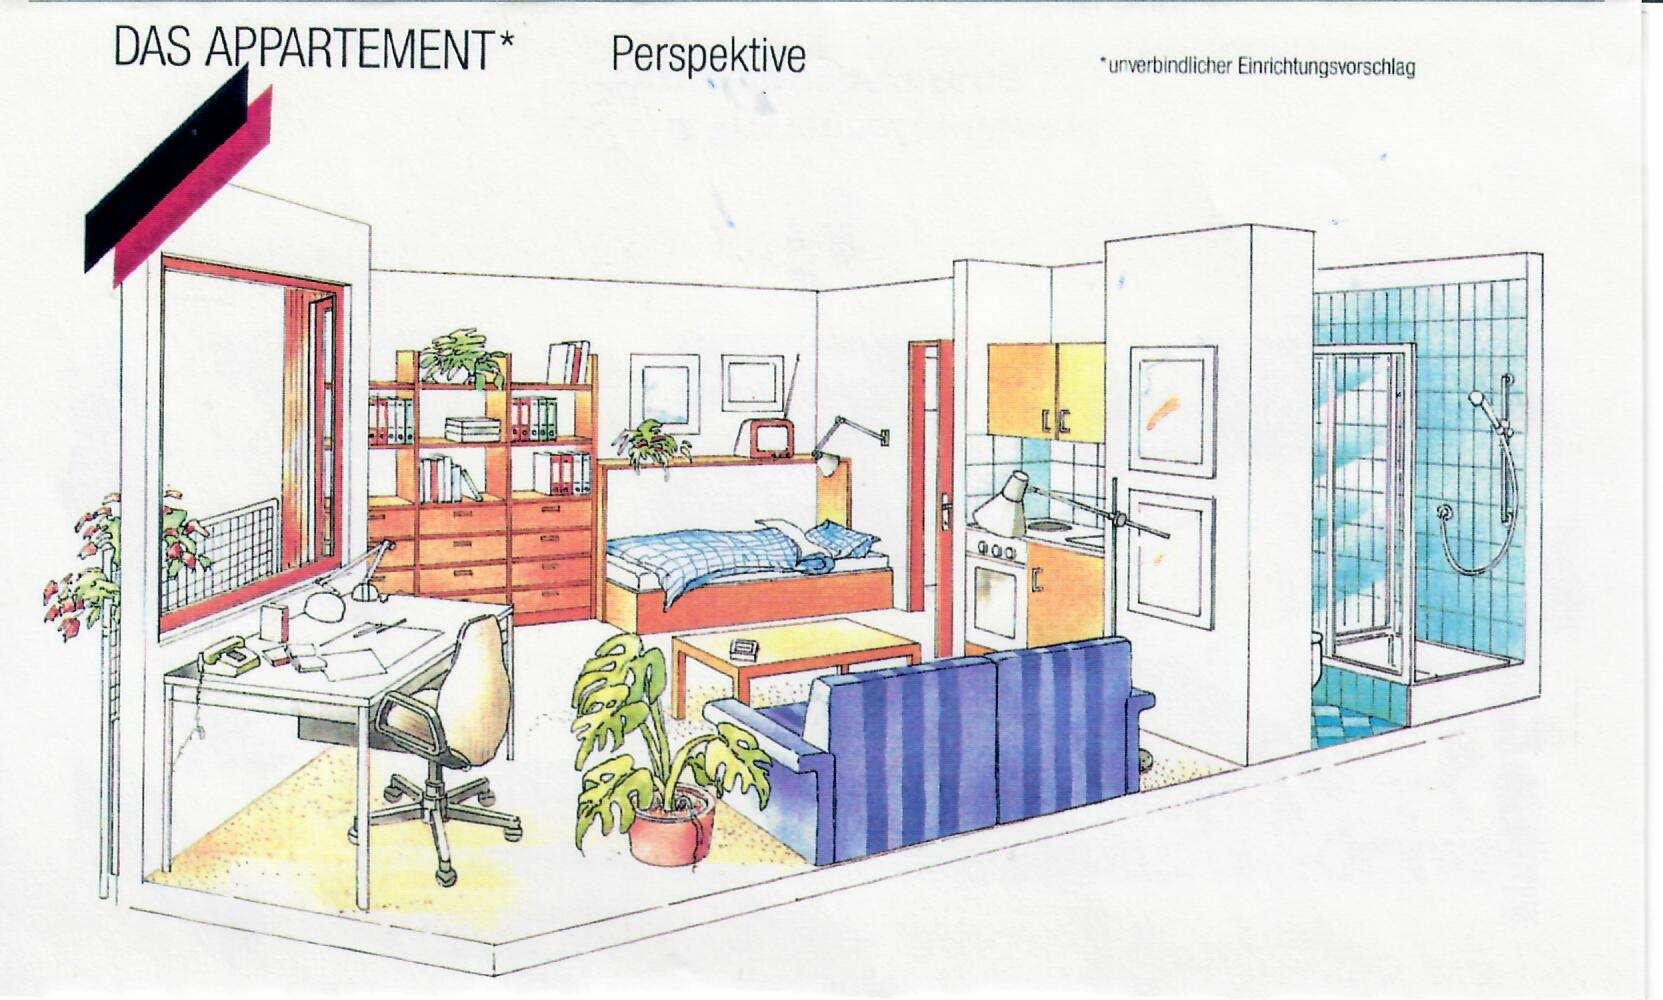 VON PRIVAT: 1-Zimmer-Wohnung mit Balkon, Küche und TG in Würzburg Frauenland in